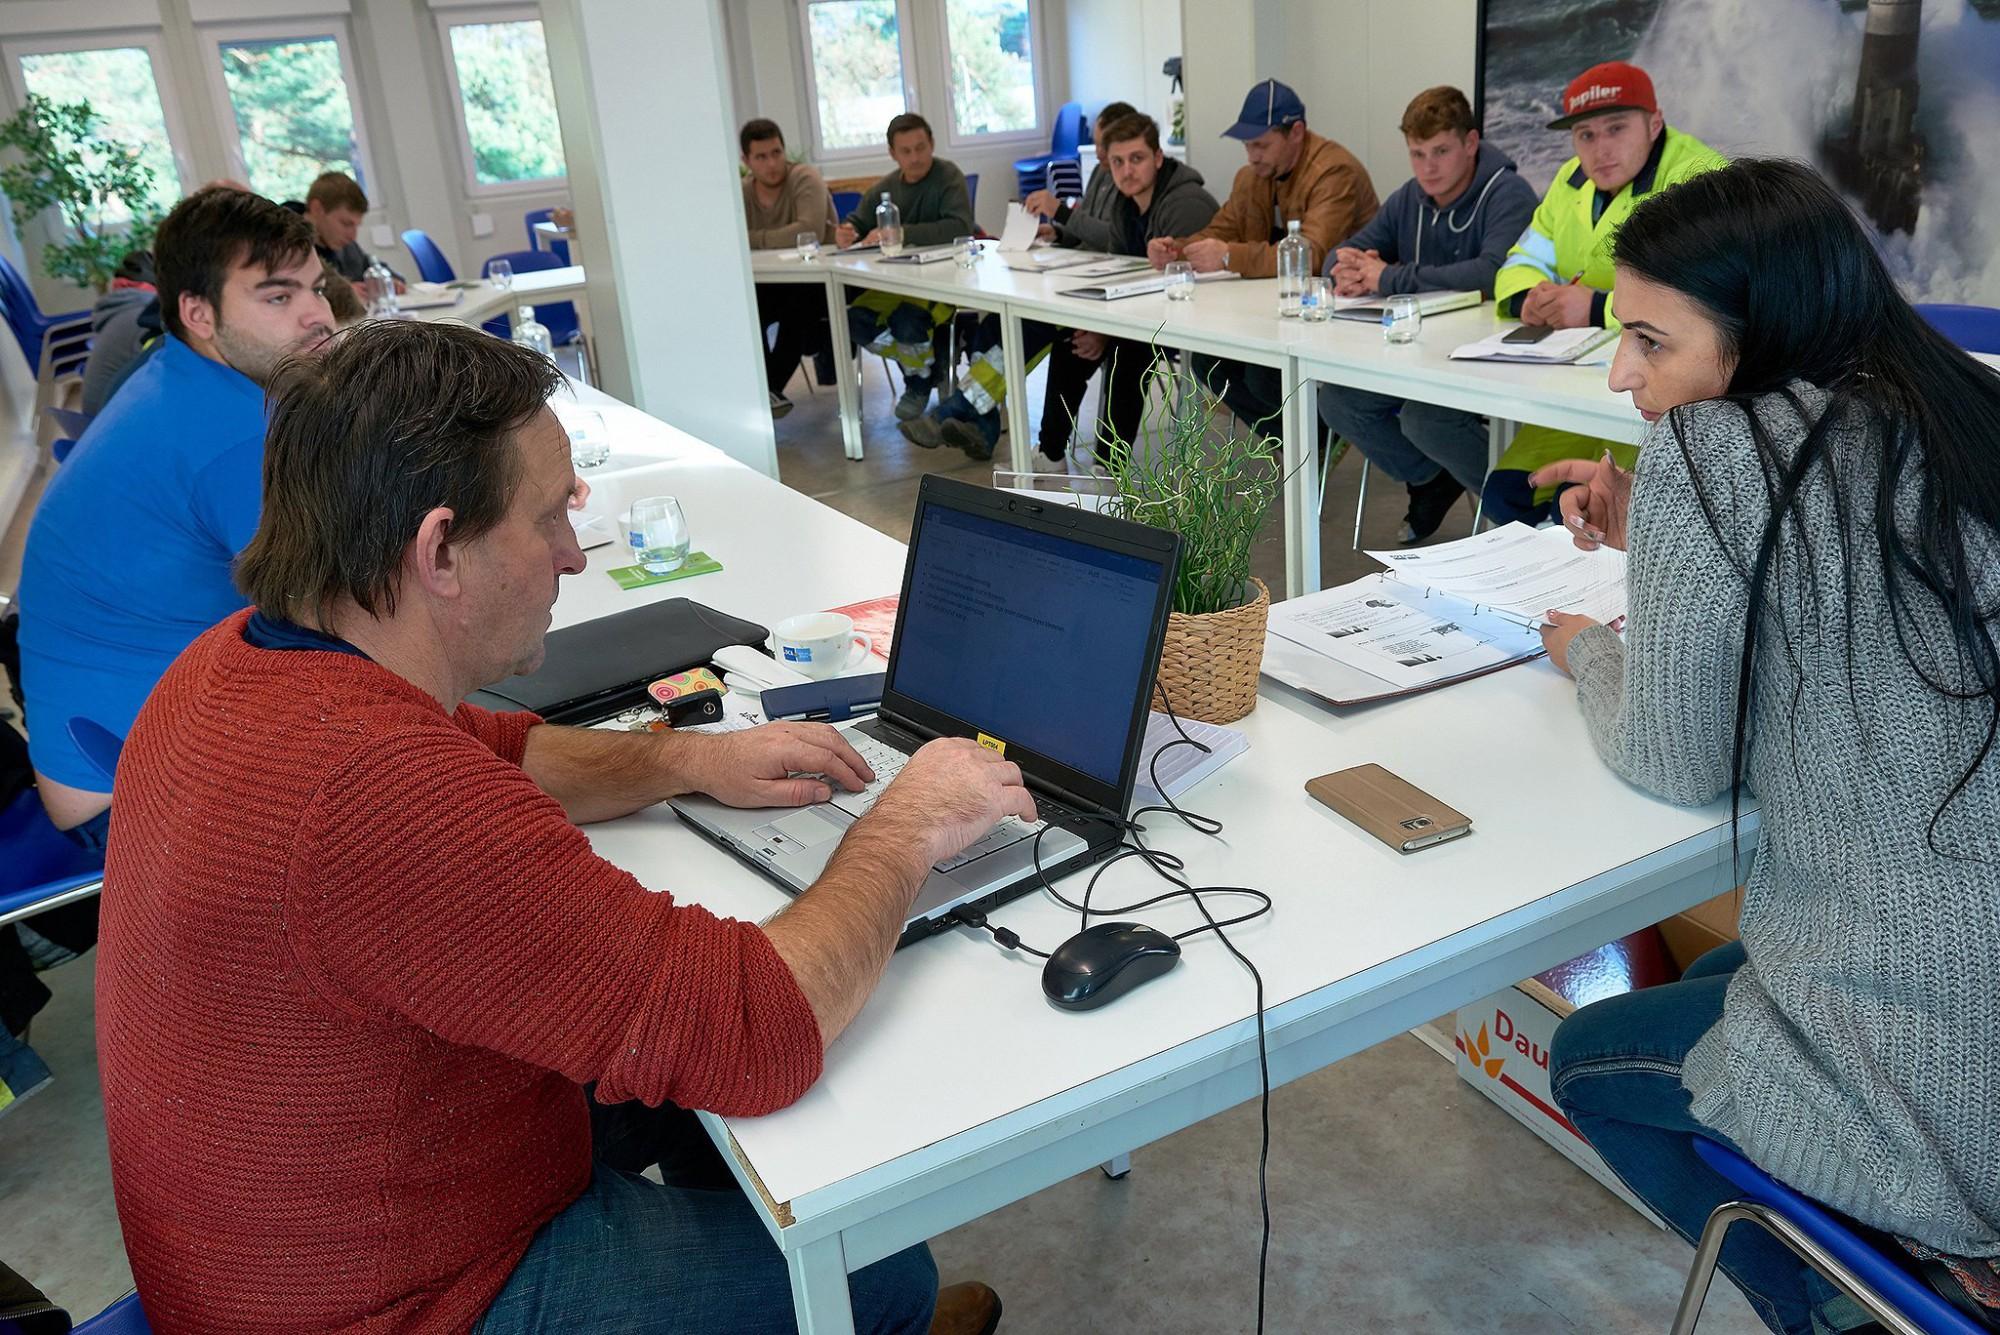 Afbeelding: Bedrijfsfotografie, opleiding buitenlandse werknemers bij DCA.